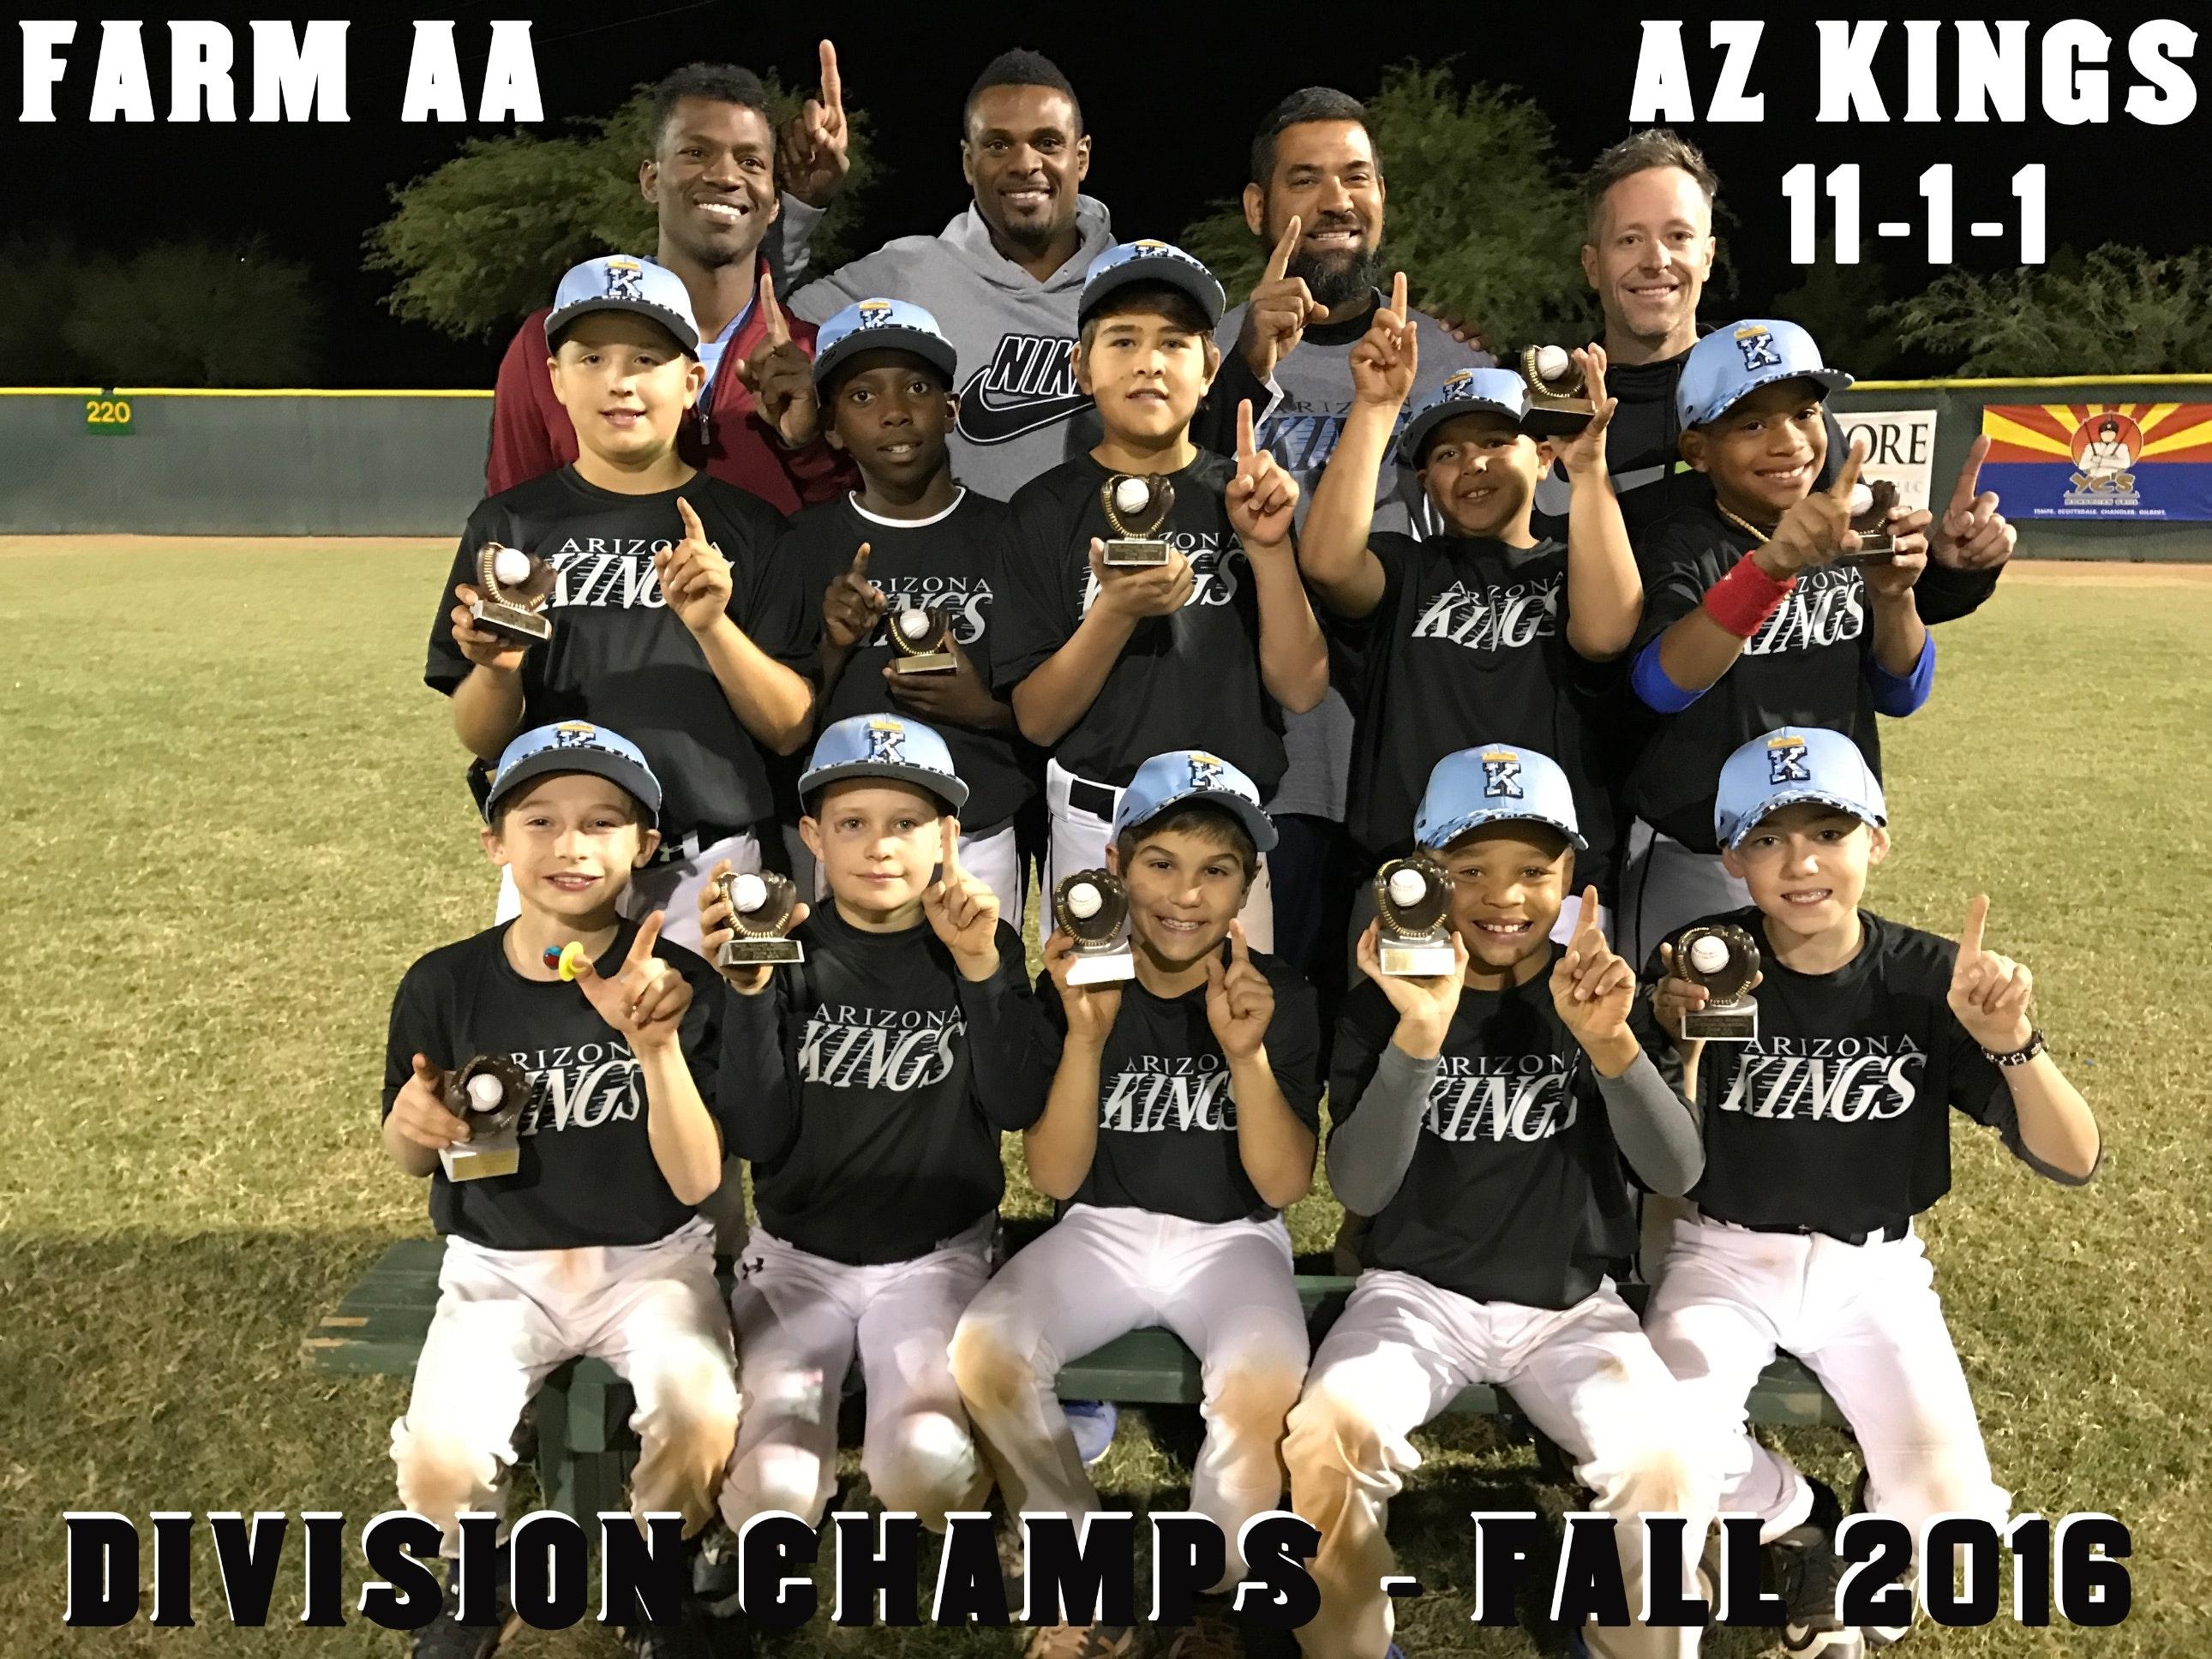 Arizona Kings Baseball